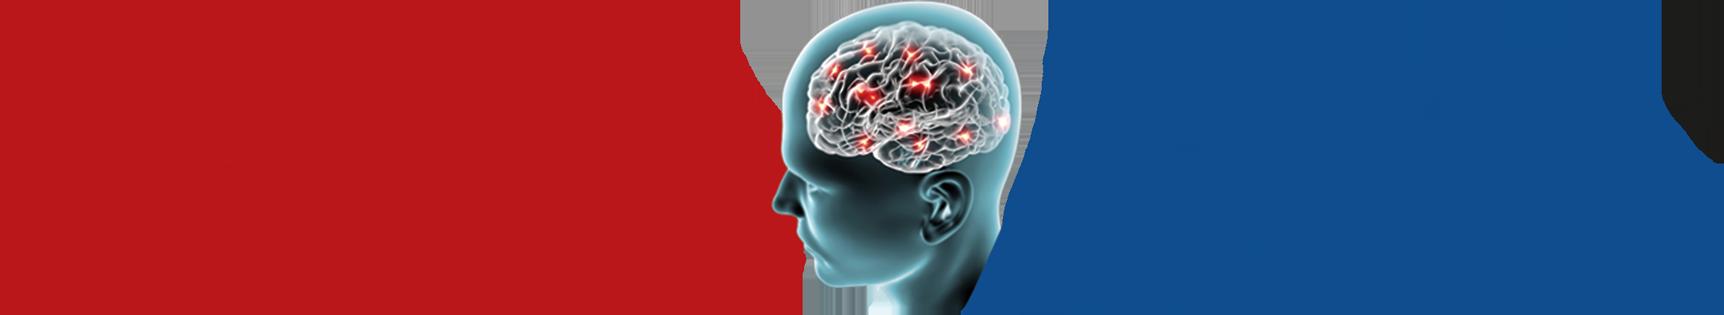 neuroactin-10-2016